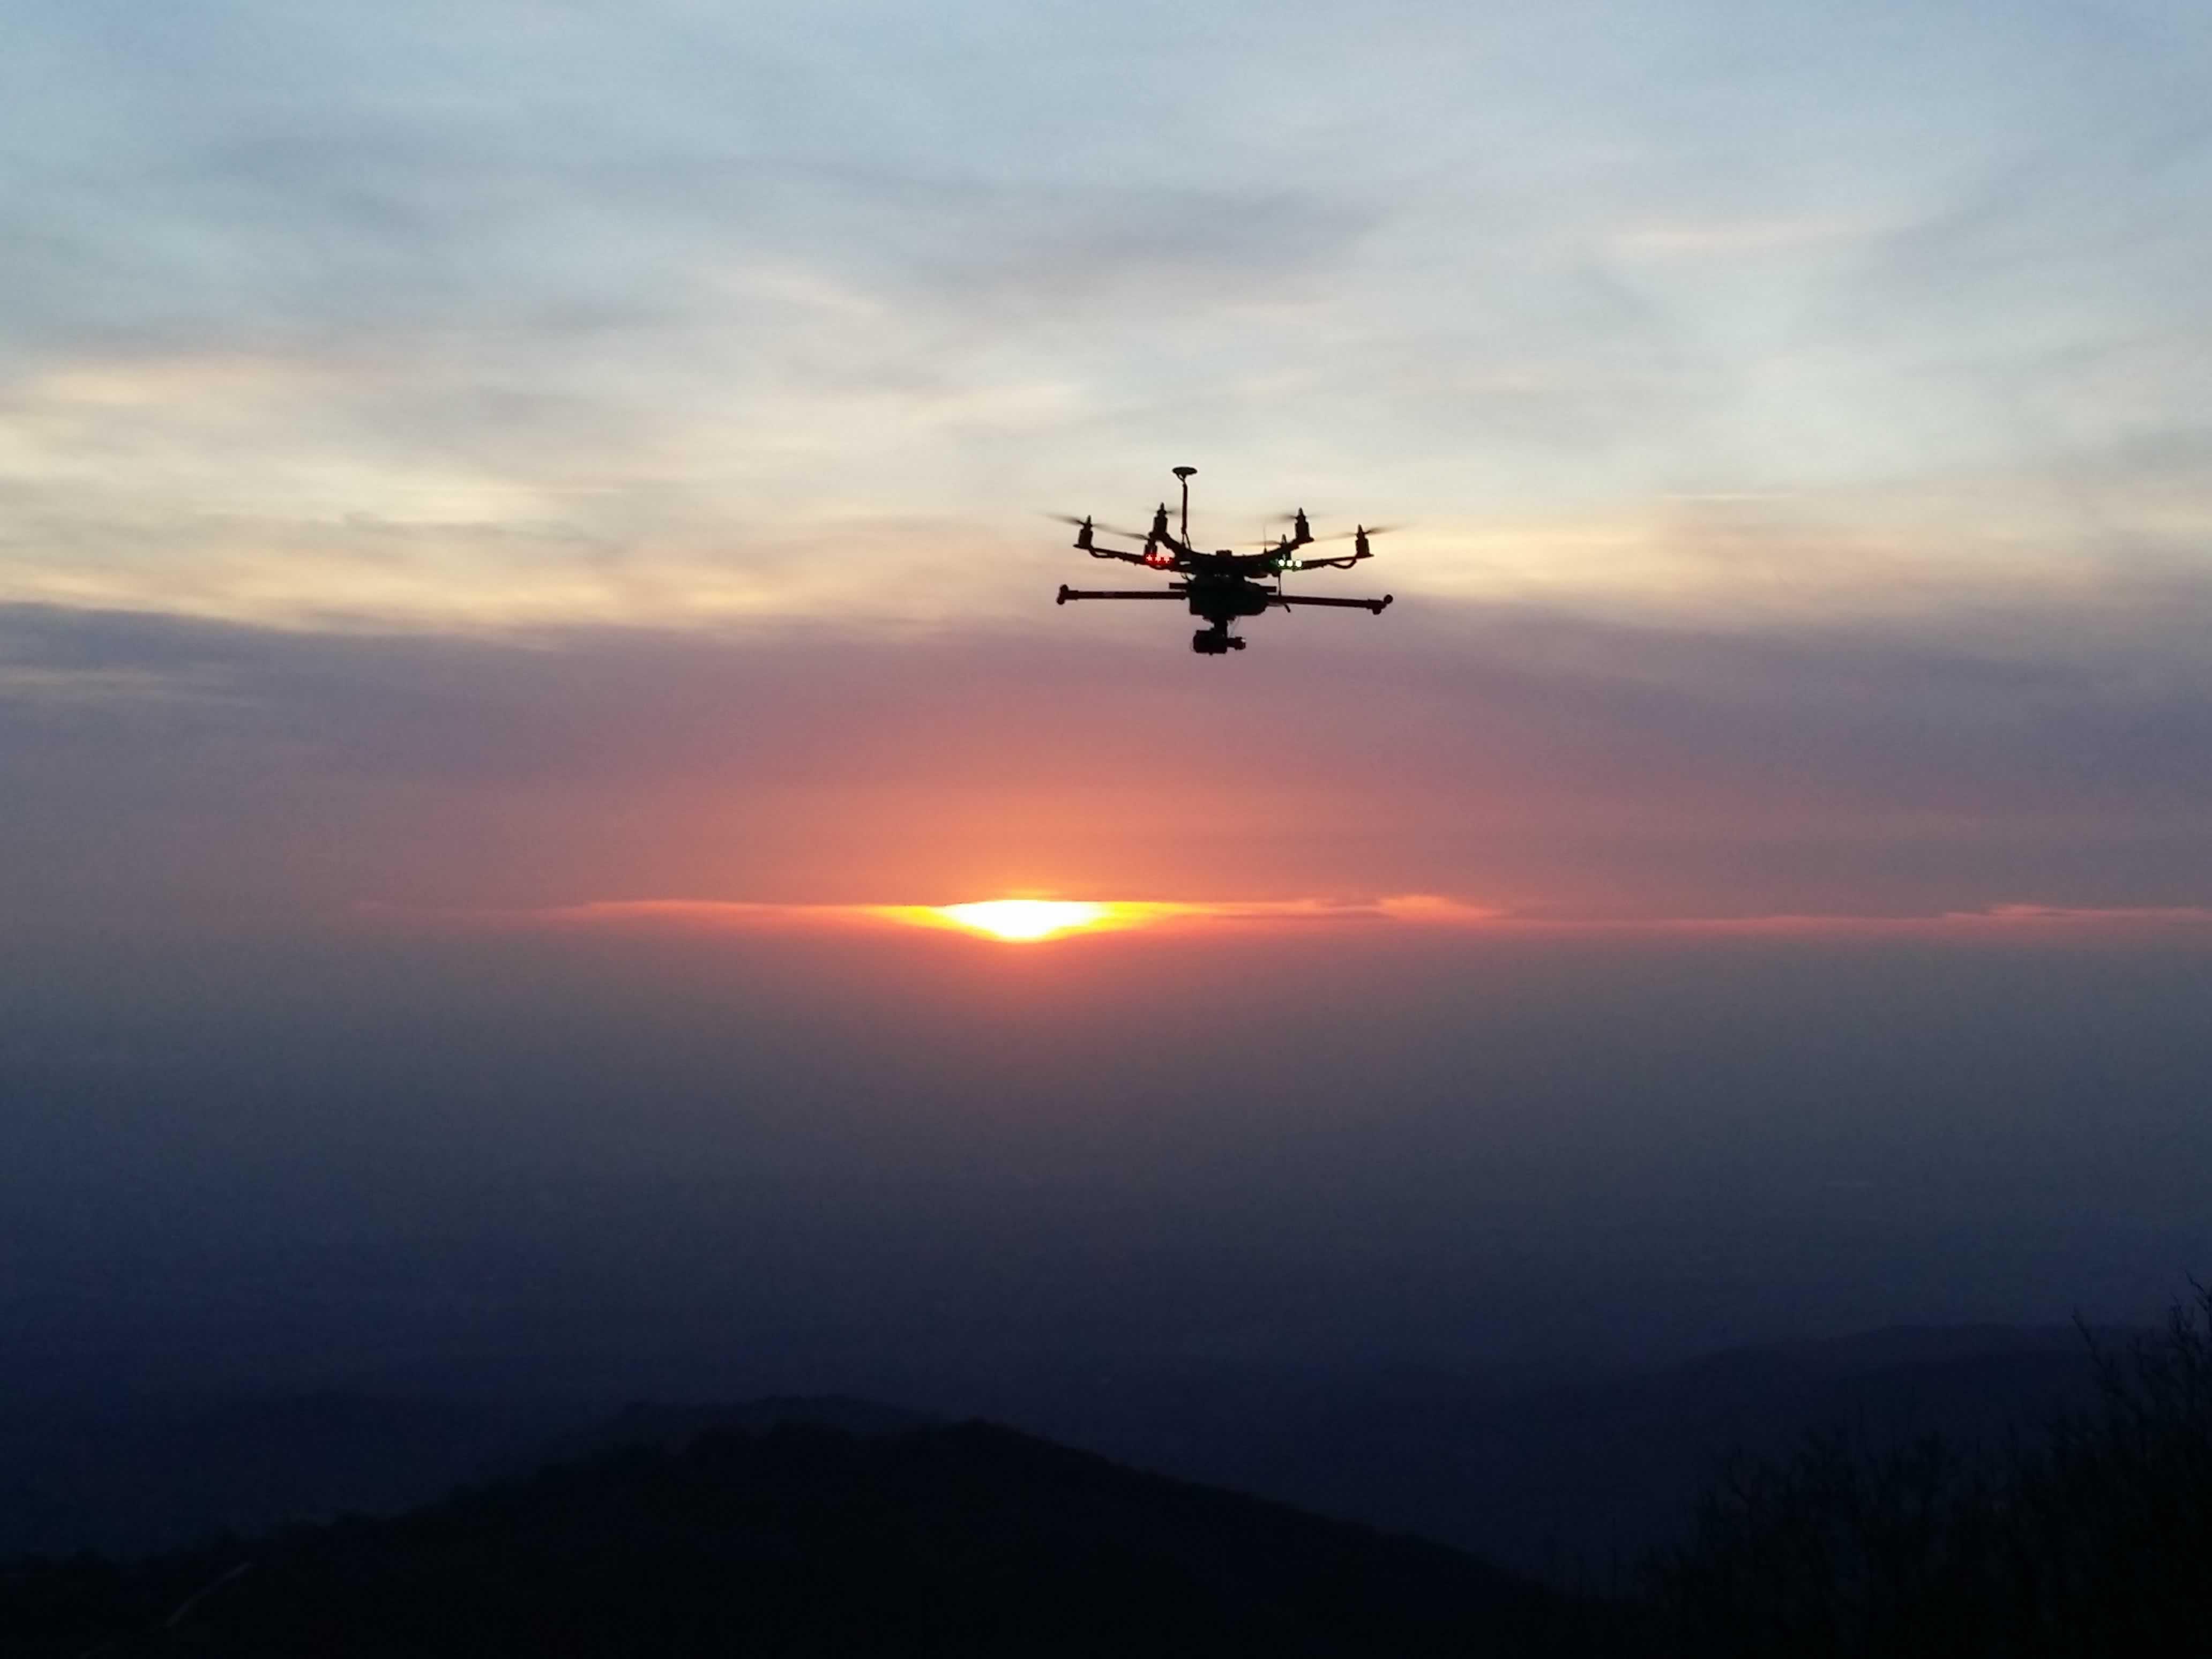 Flytodiscover - Ripresee aere con drone a Frosinone